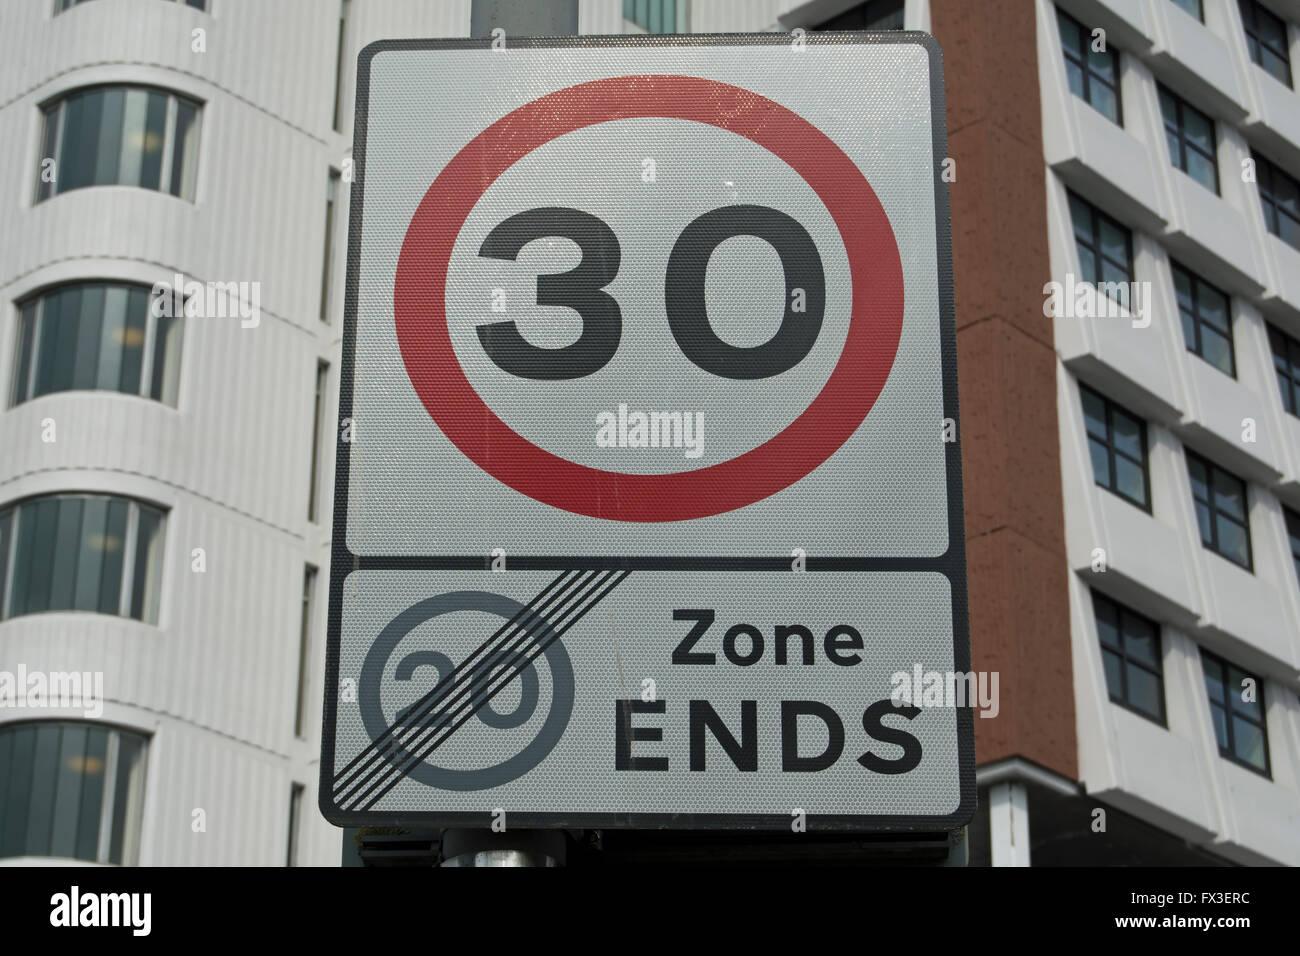 British cartello stradale rendendo la fine di una 20mph velocità zona limite e l'inizio di una 30mph limite di velocità Foto Stock